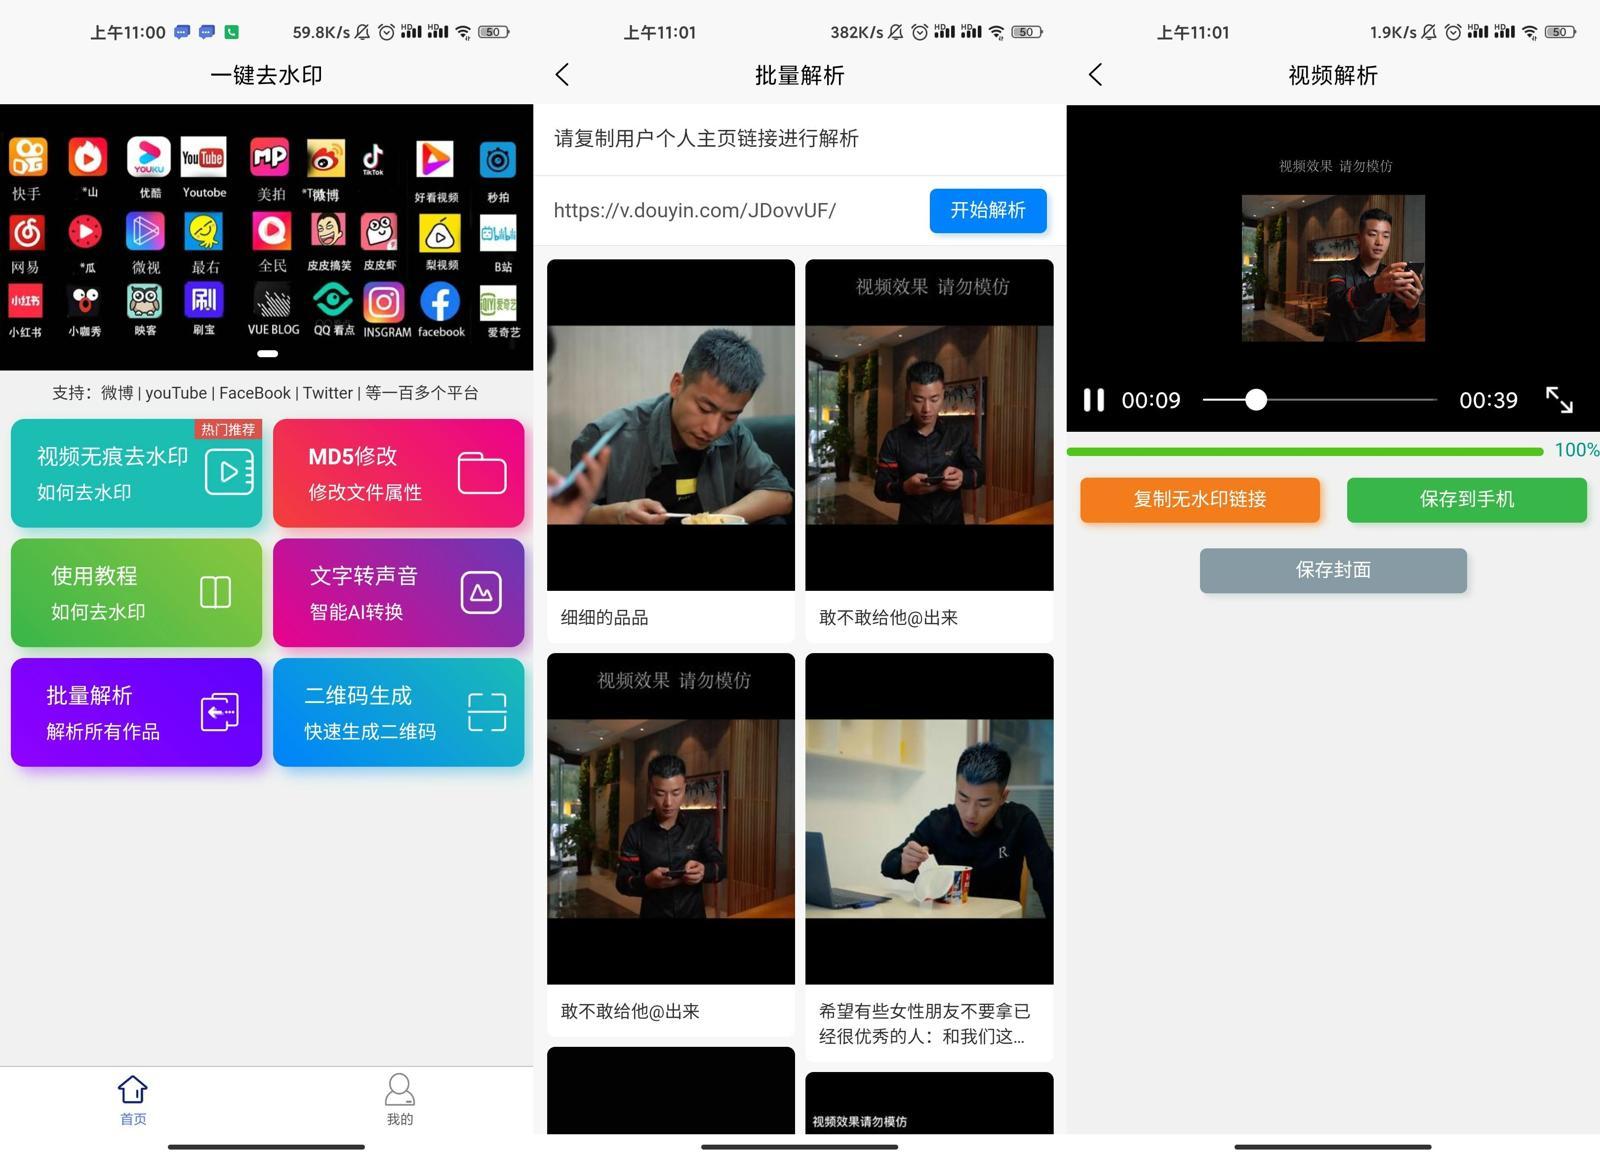 安卓短视频批量无水印解析助手v1.0